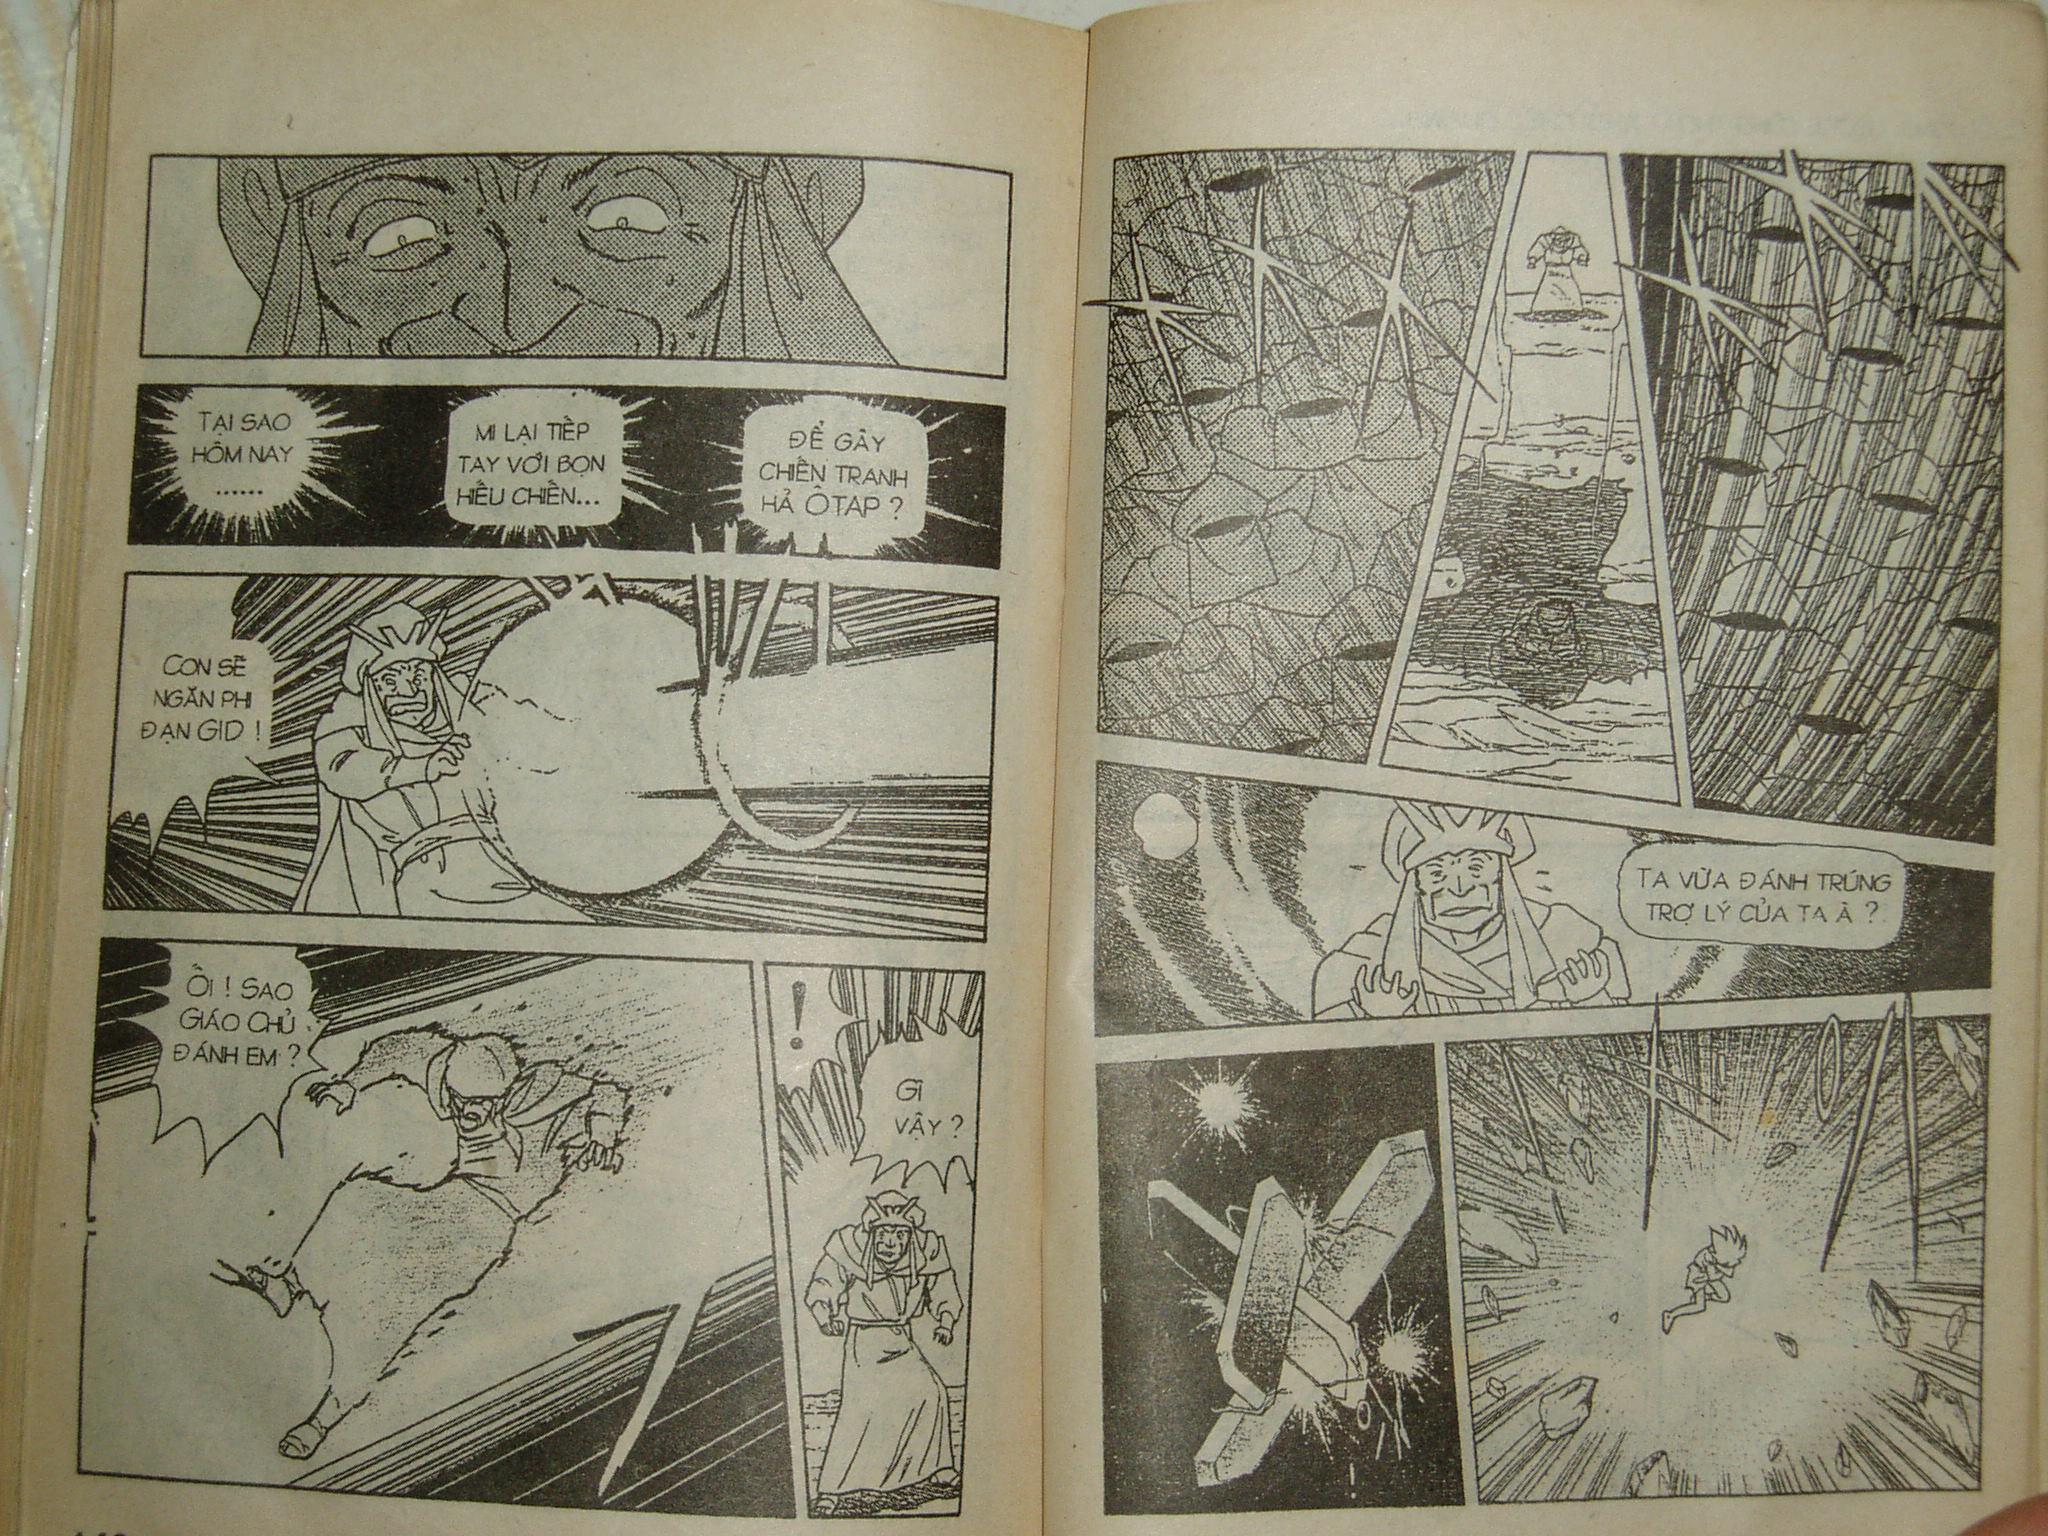 Siêu nhân Locke vol 17 trang 72